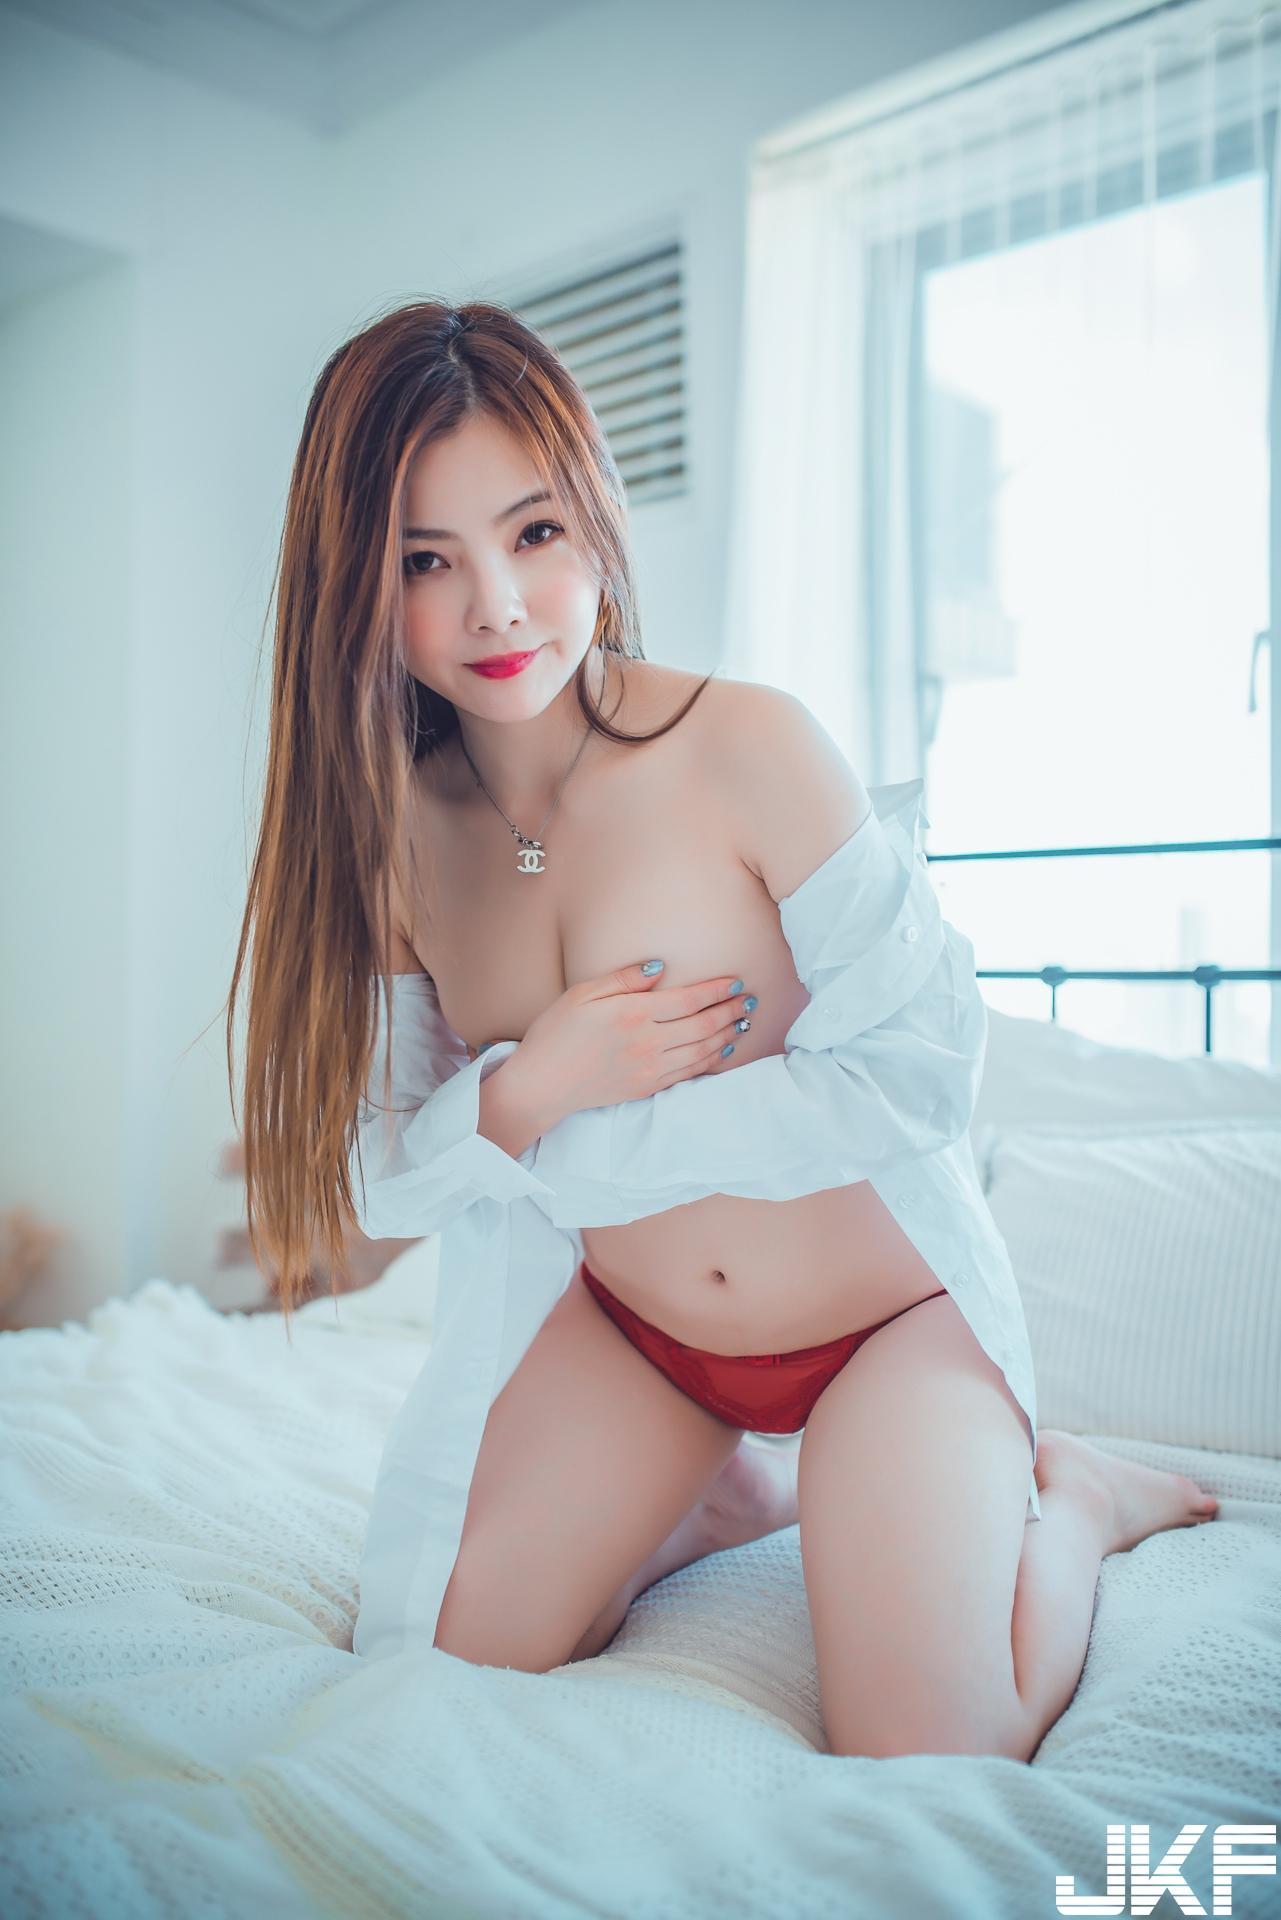 RGA_4200-36.jpg